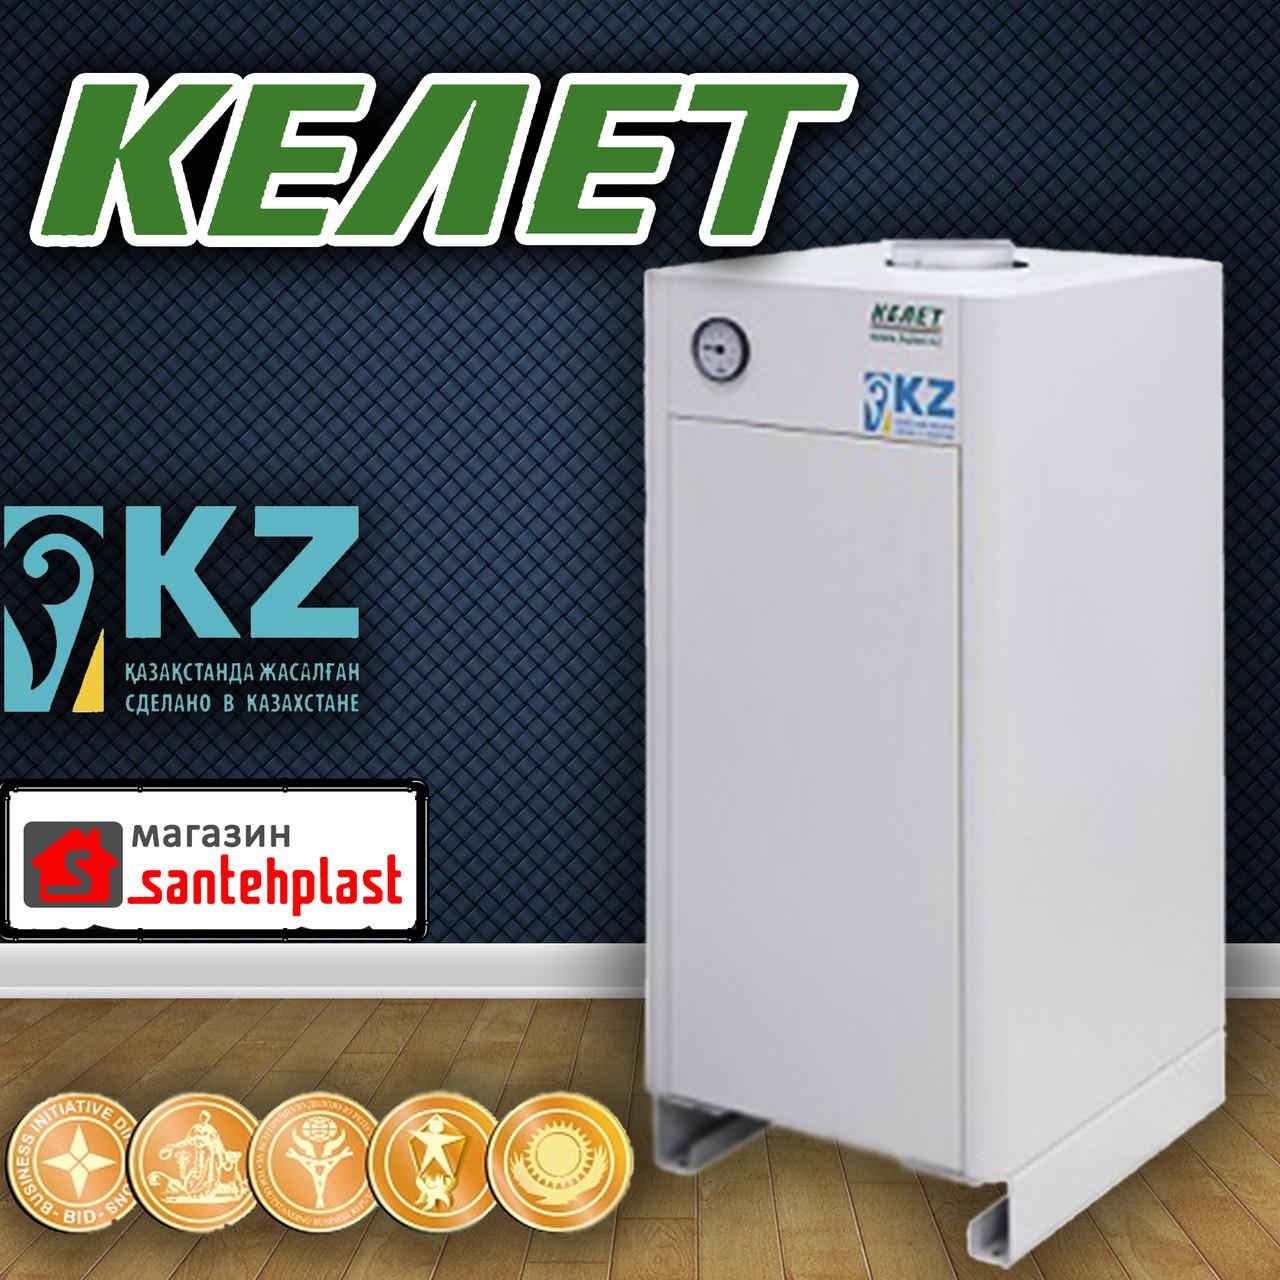 Энергонезависимый газовый котел КЕЛЕТ КСГ-10 до 100 м.кв